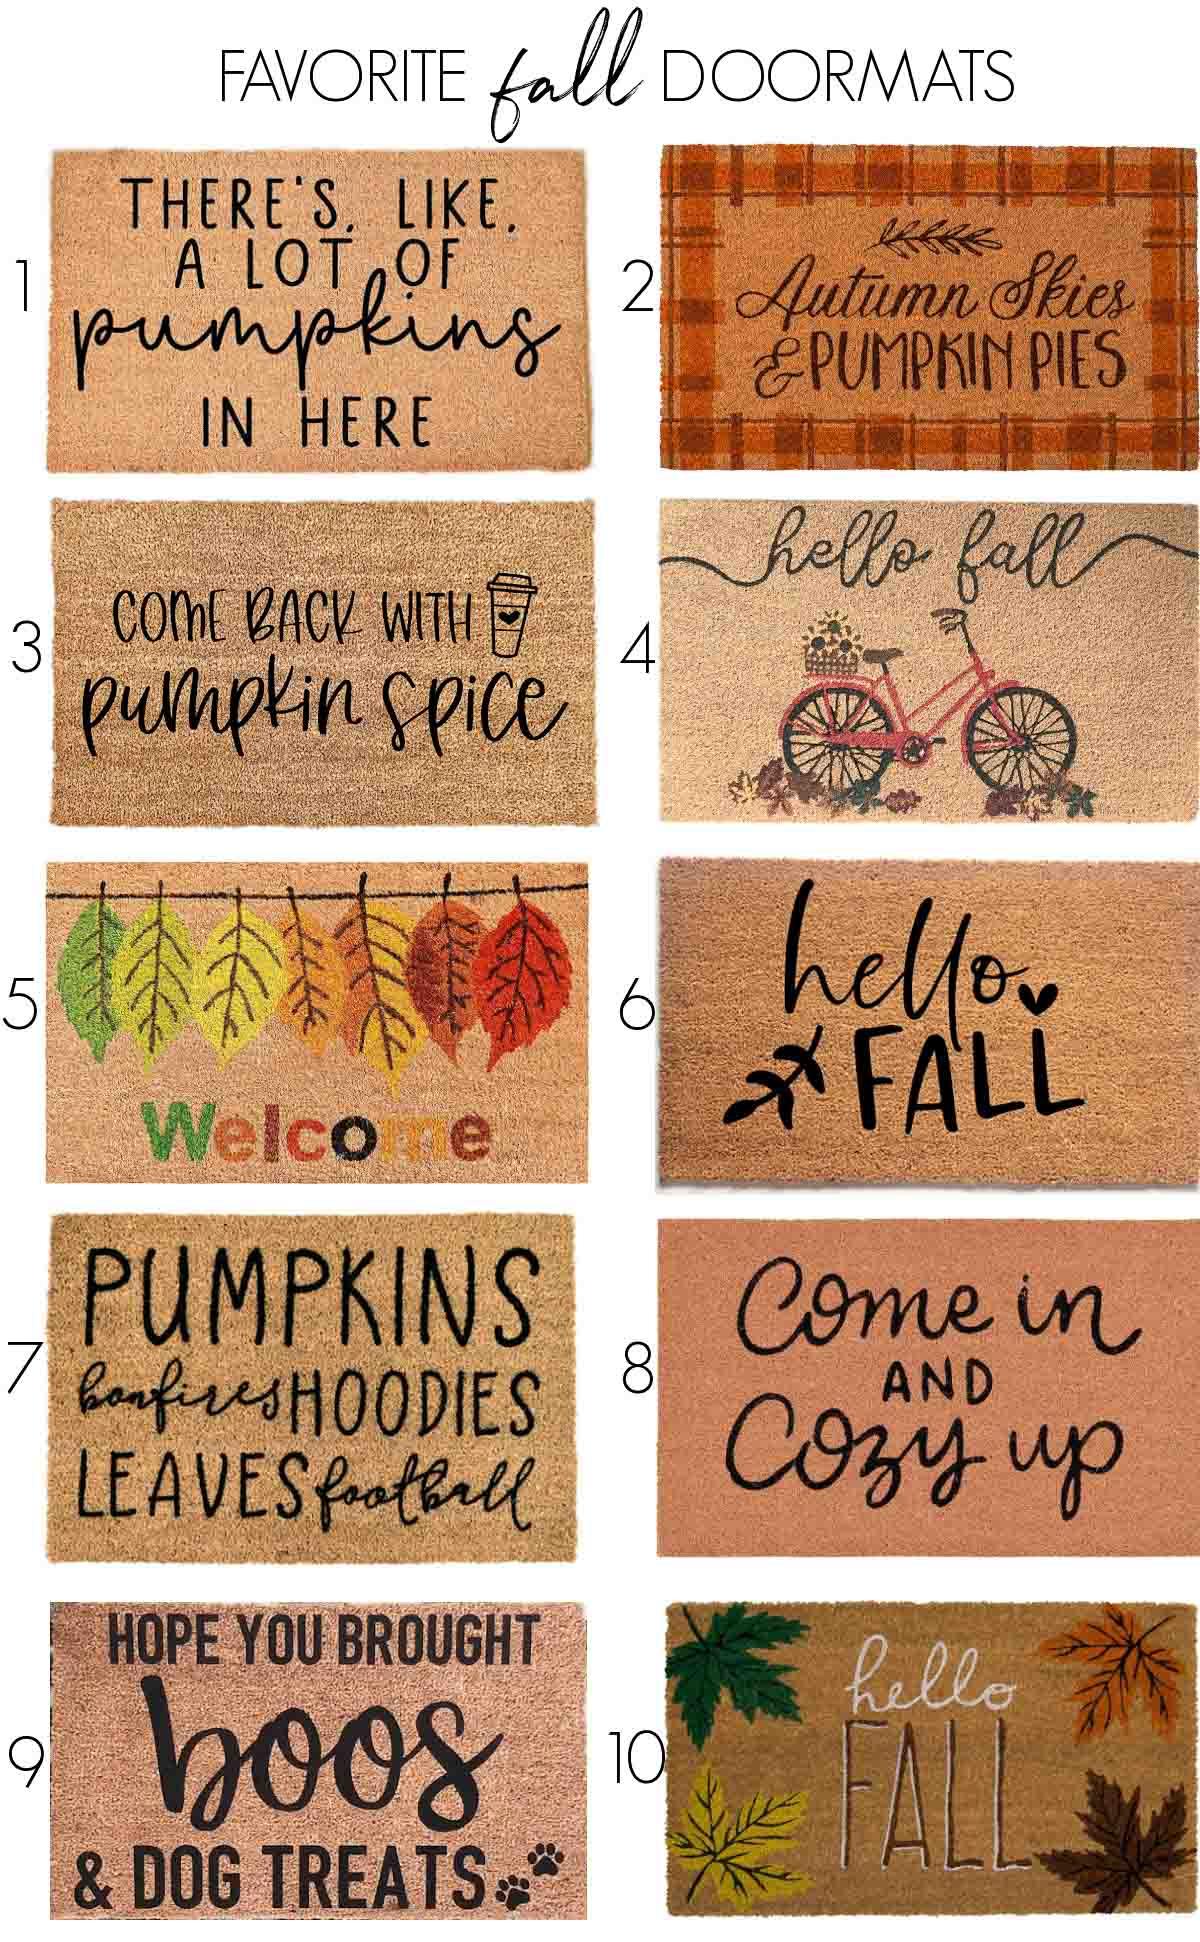 Fall doormat favorites!